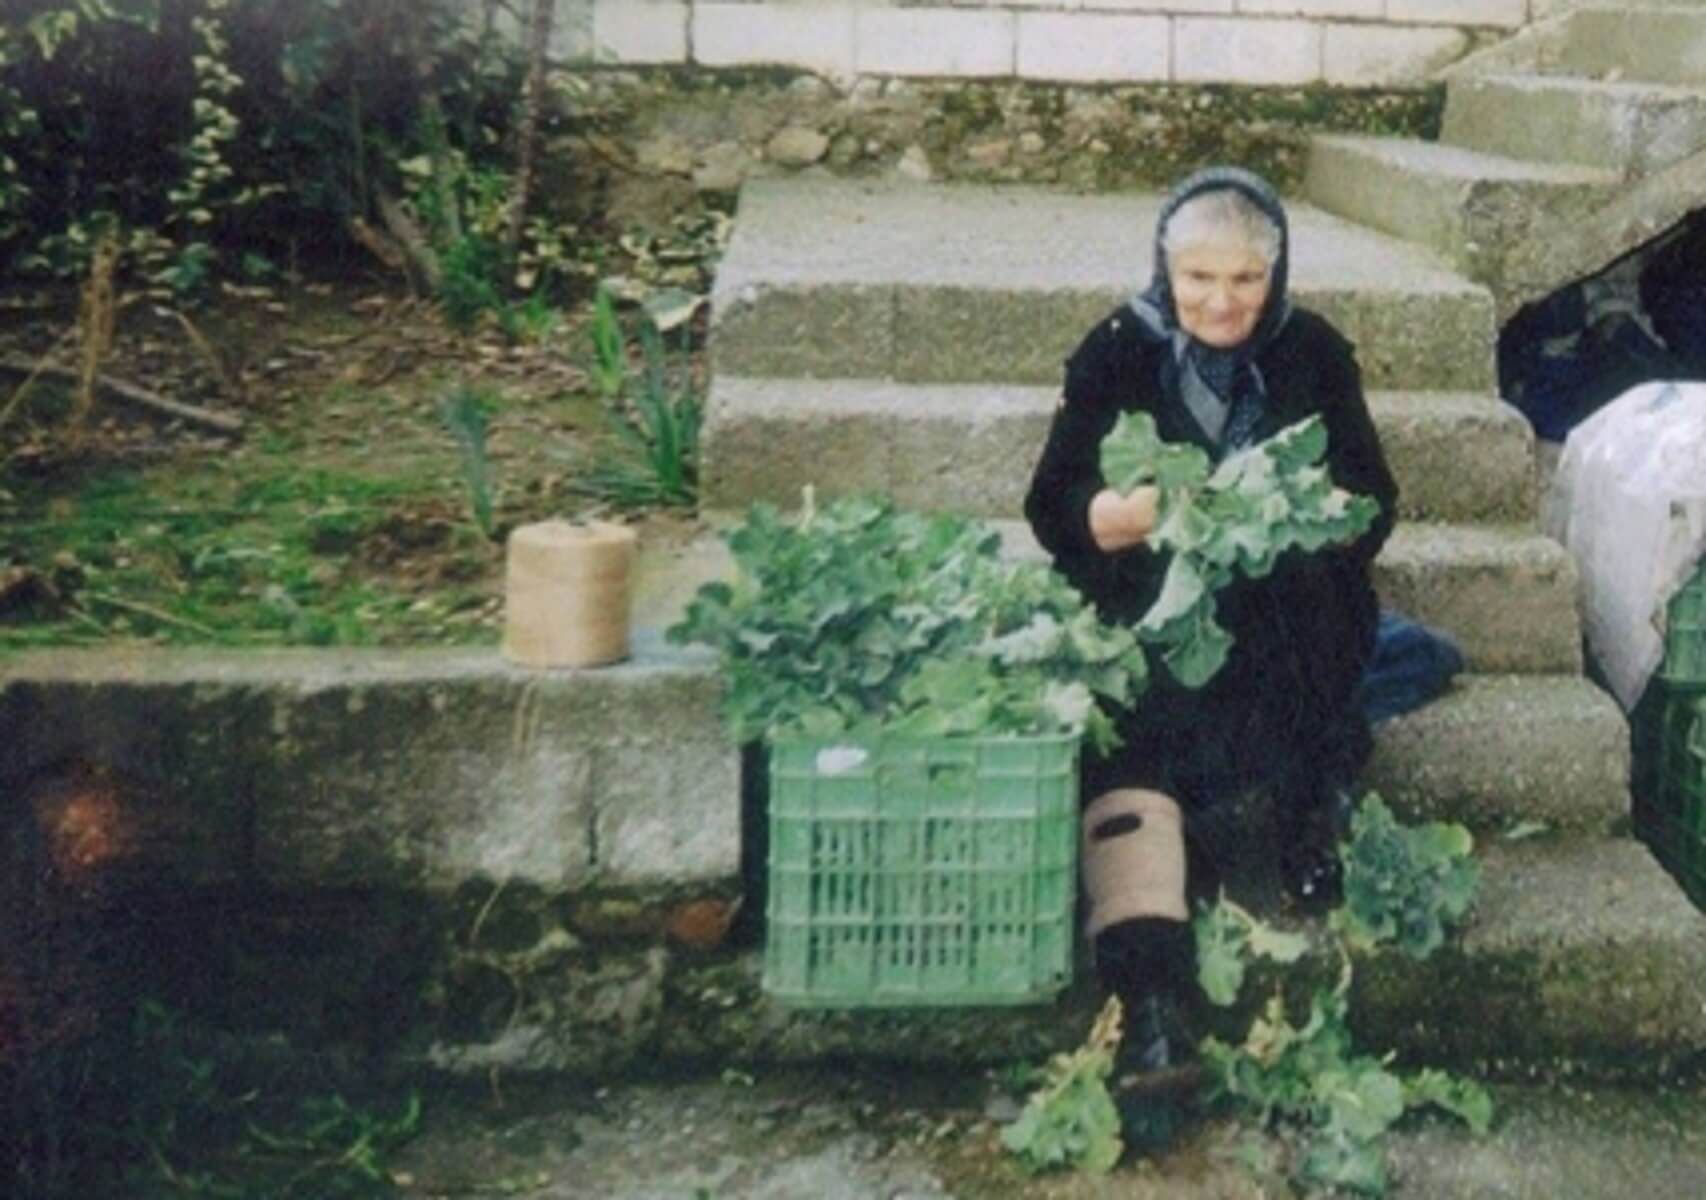 Στα δικαστήρια 82χρονη και άλλες δύο γιαγιάδες επειδή πούλαγαν χόρτα!